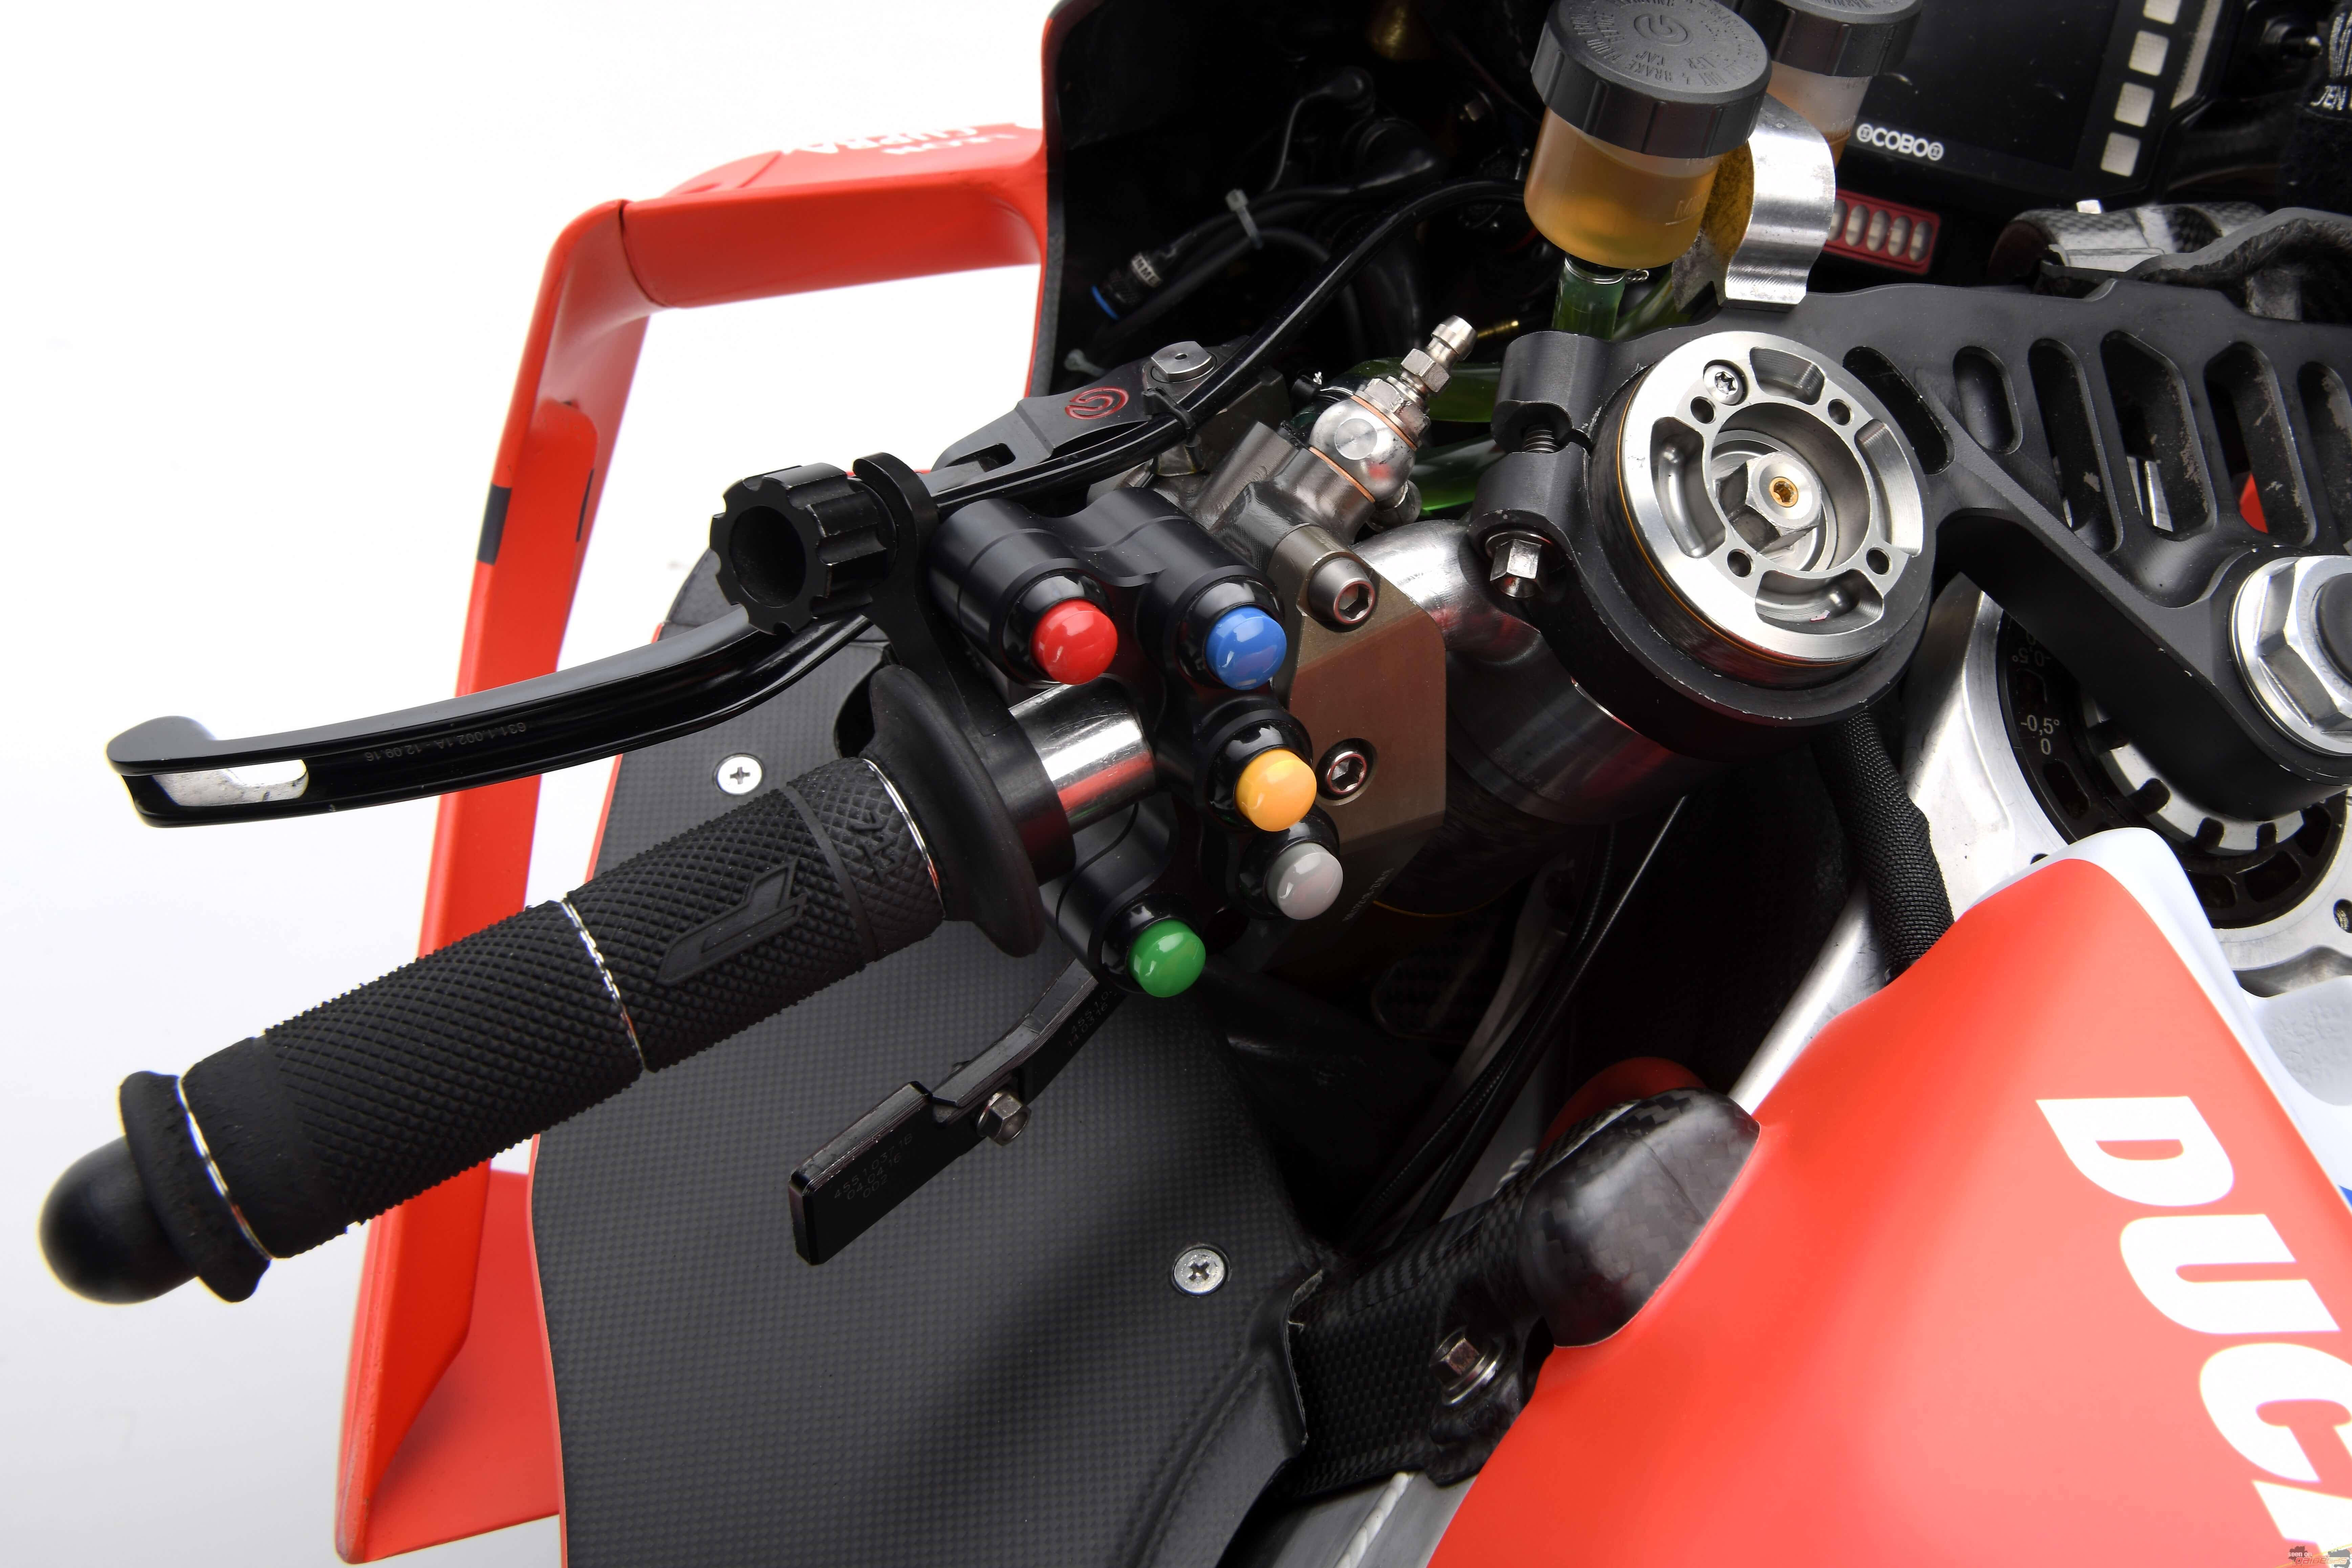 Ducati Desmosedici GP18, HD Bikes, 4k Wallpapers, Images